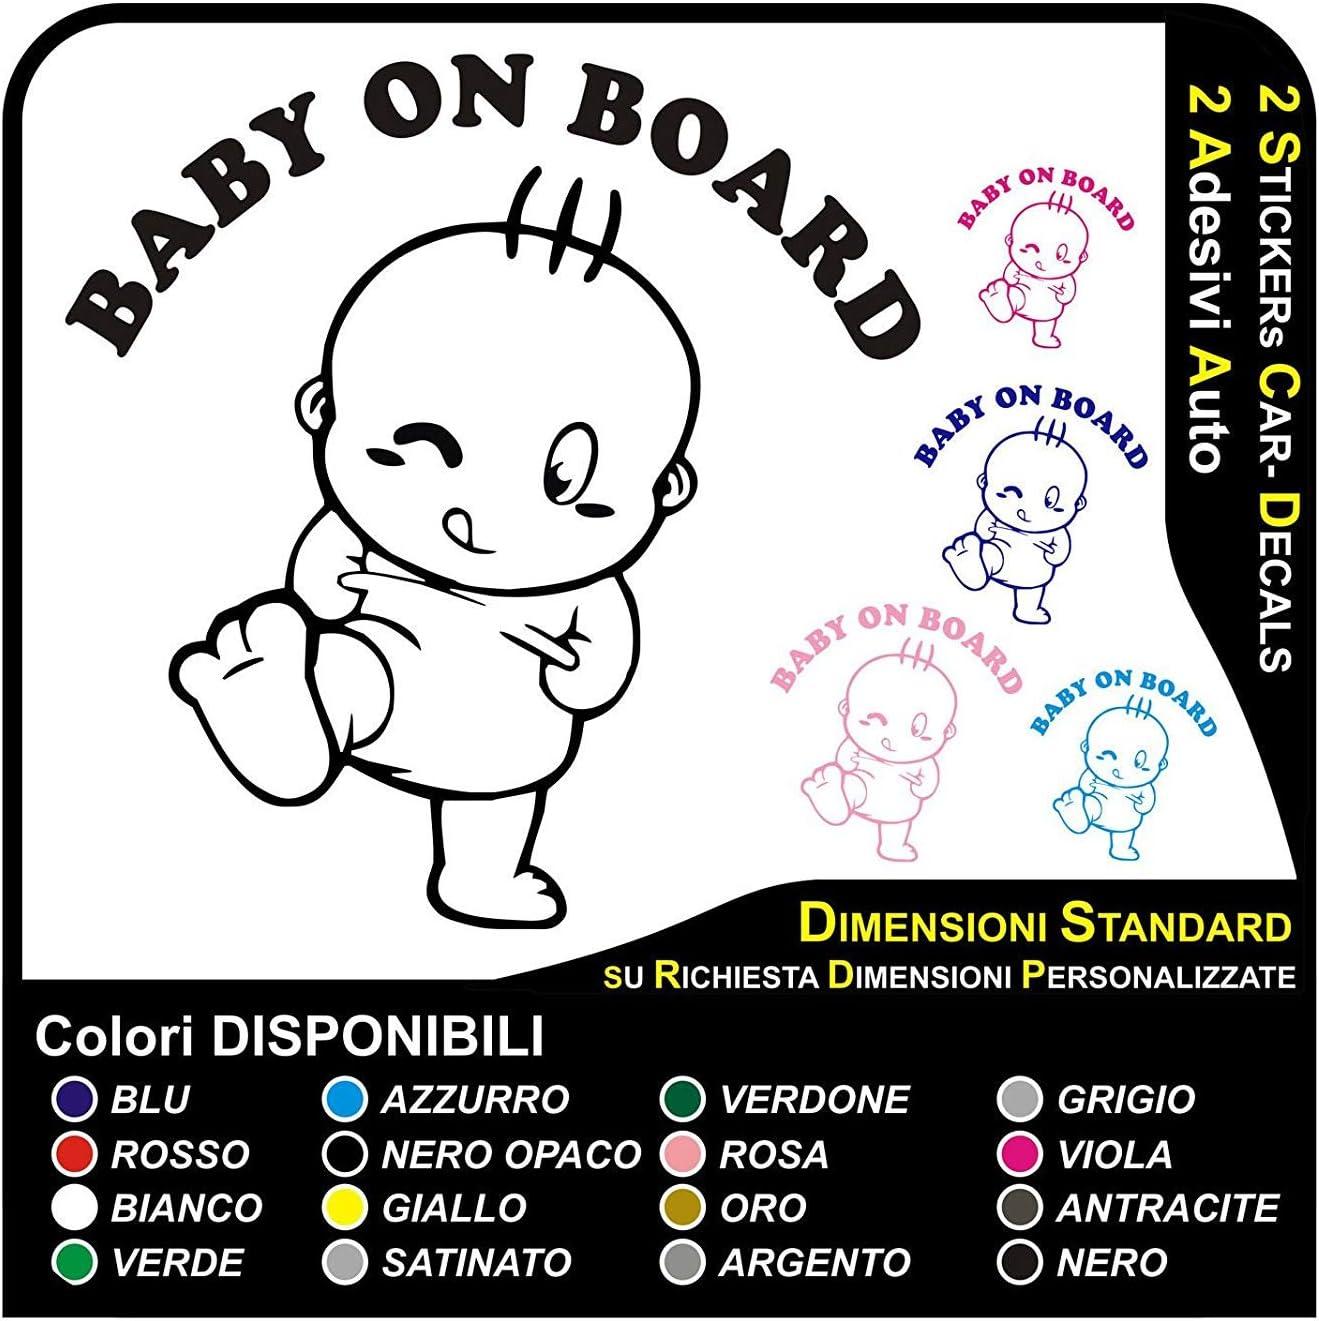 Baby on Board 20 x 12 cm adesivo bambino a bordo auto nascita tour in 18 colori